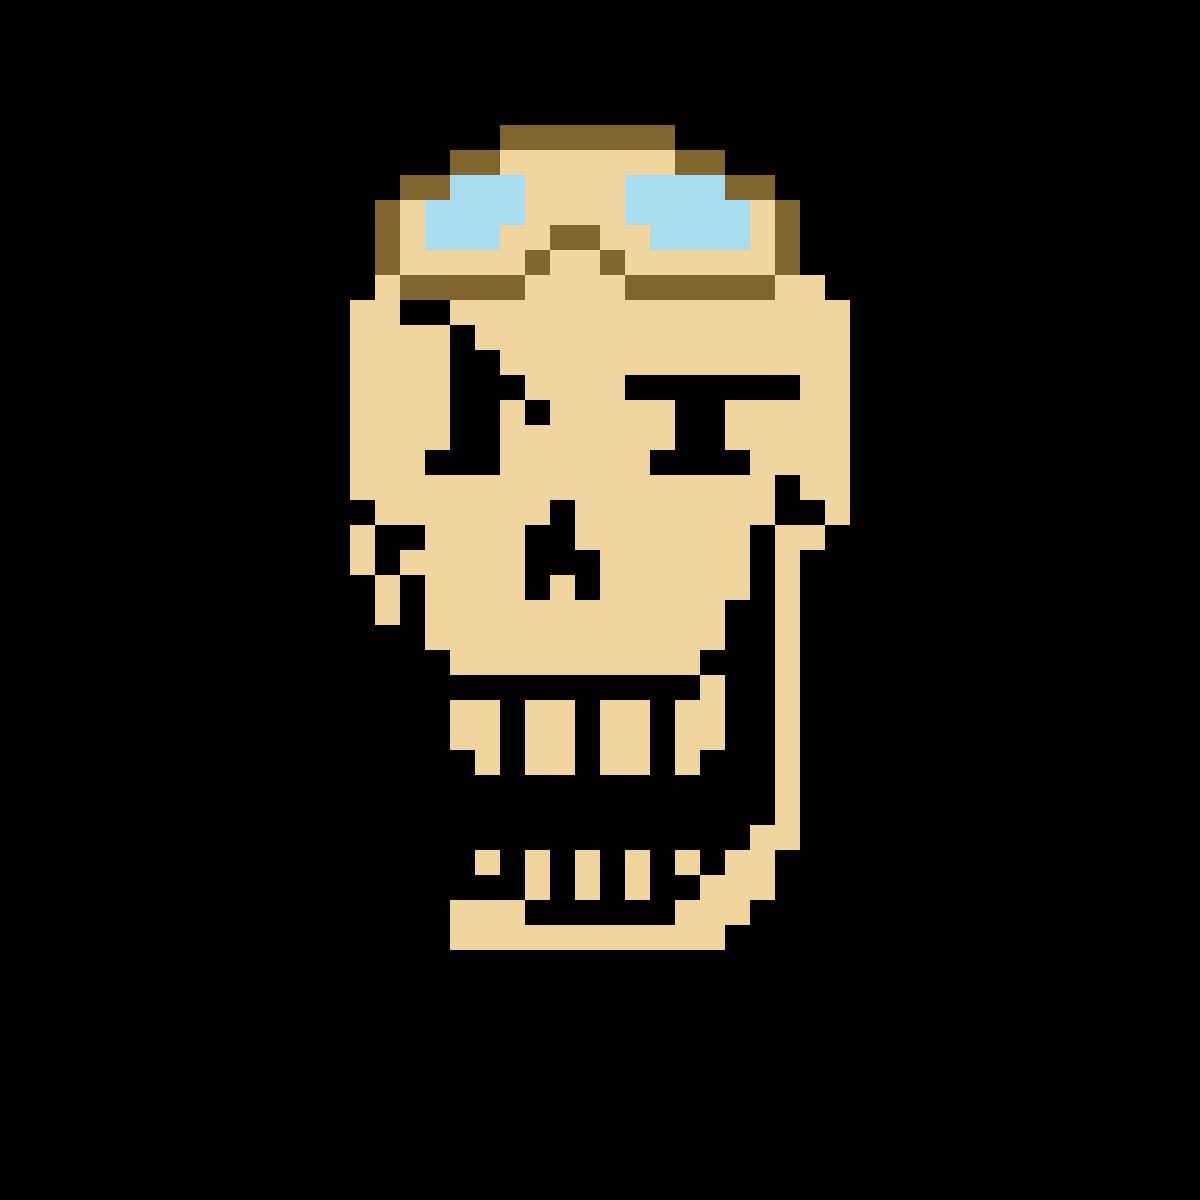 картинка головы папируса стали выращивать